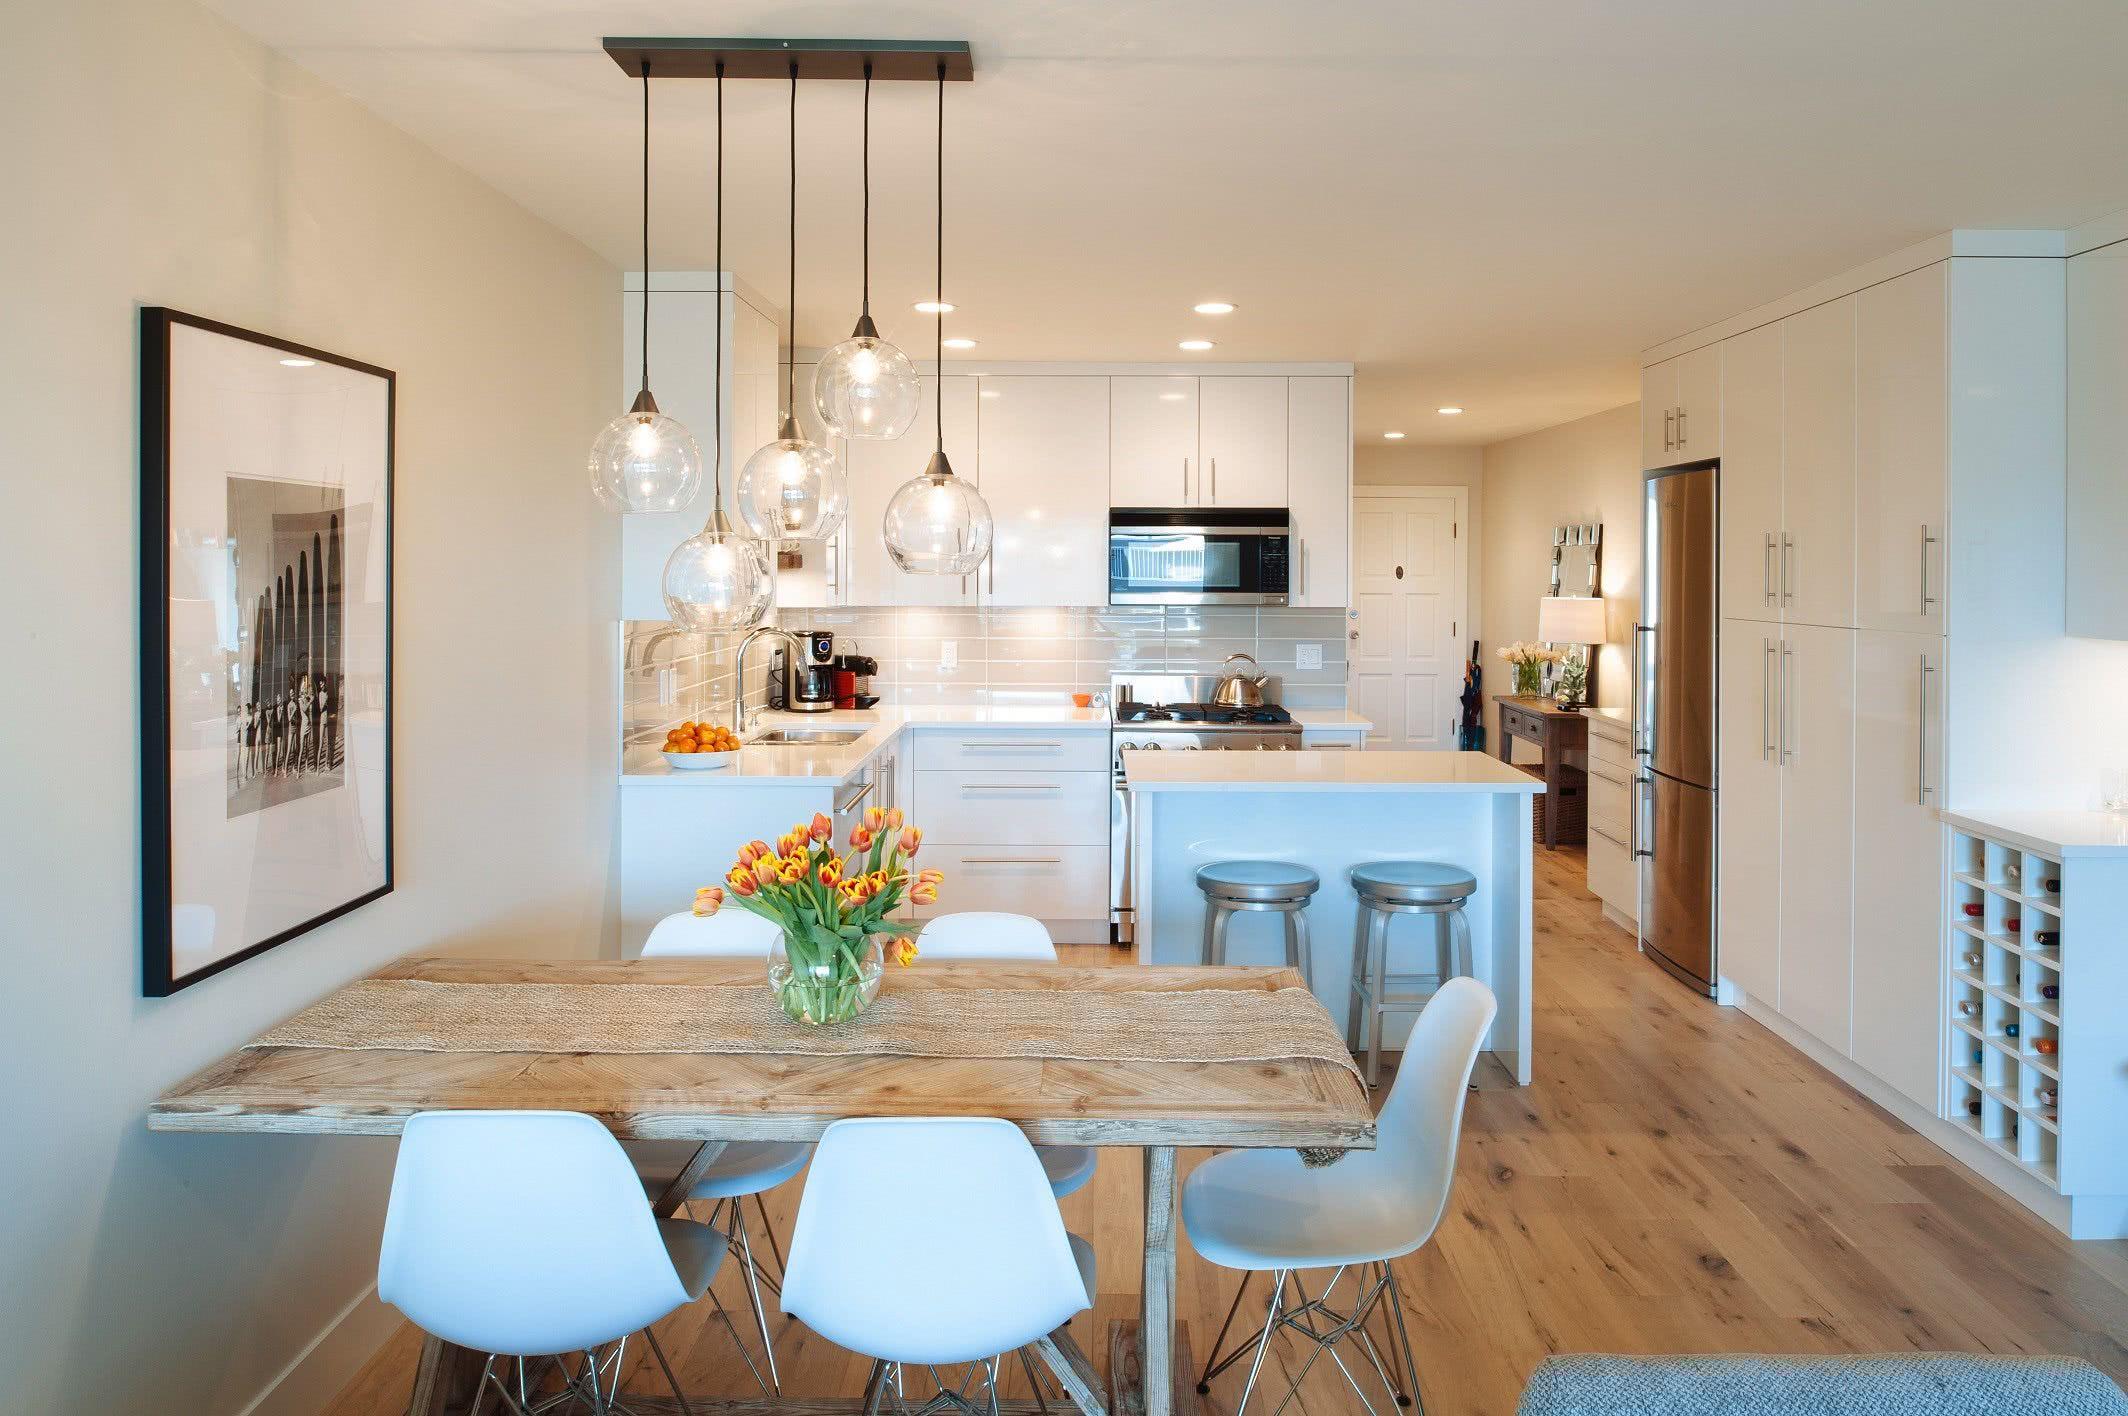 Cozinhas Pequenas Projetadas Para Cozinhas Muito Pequenas Uma  -> Sala Simples Projetada